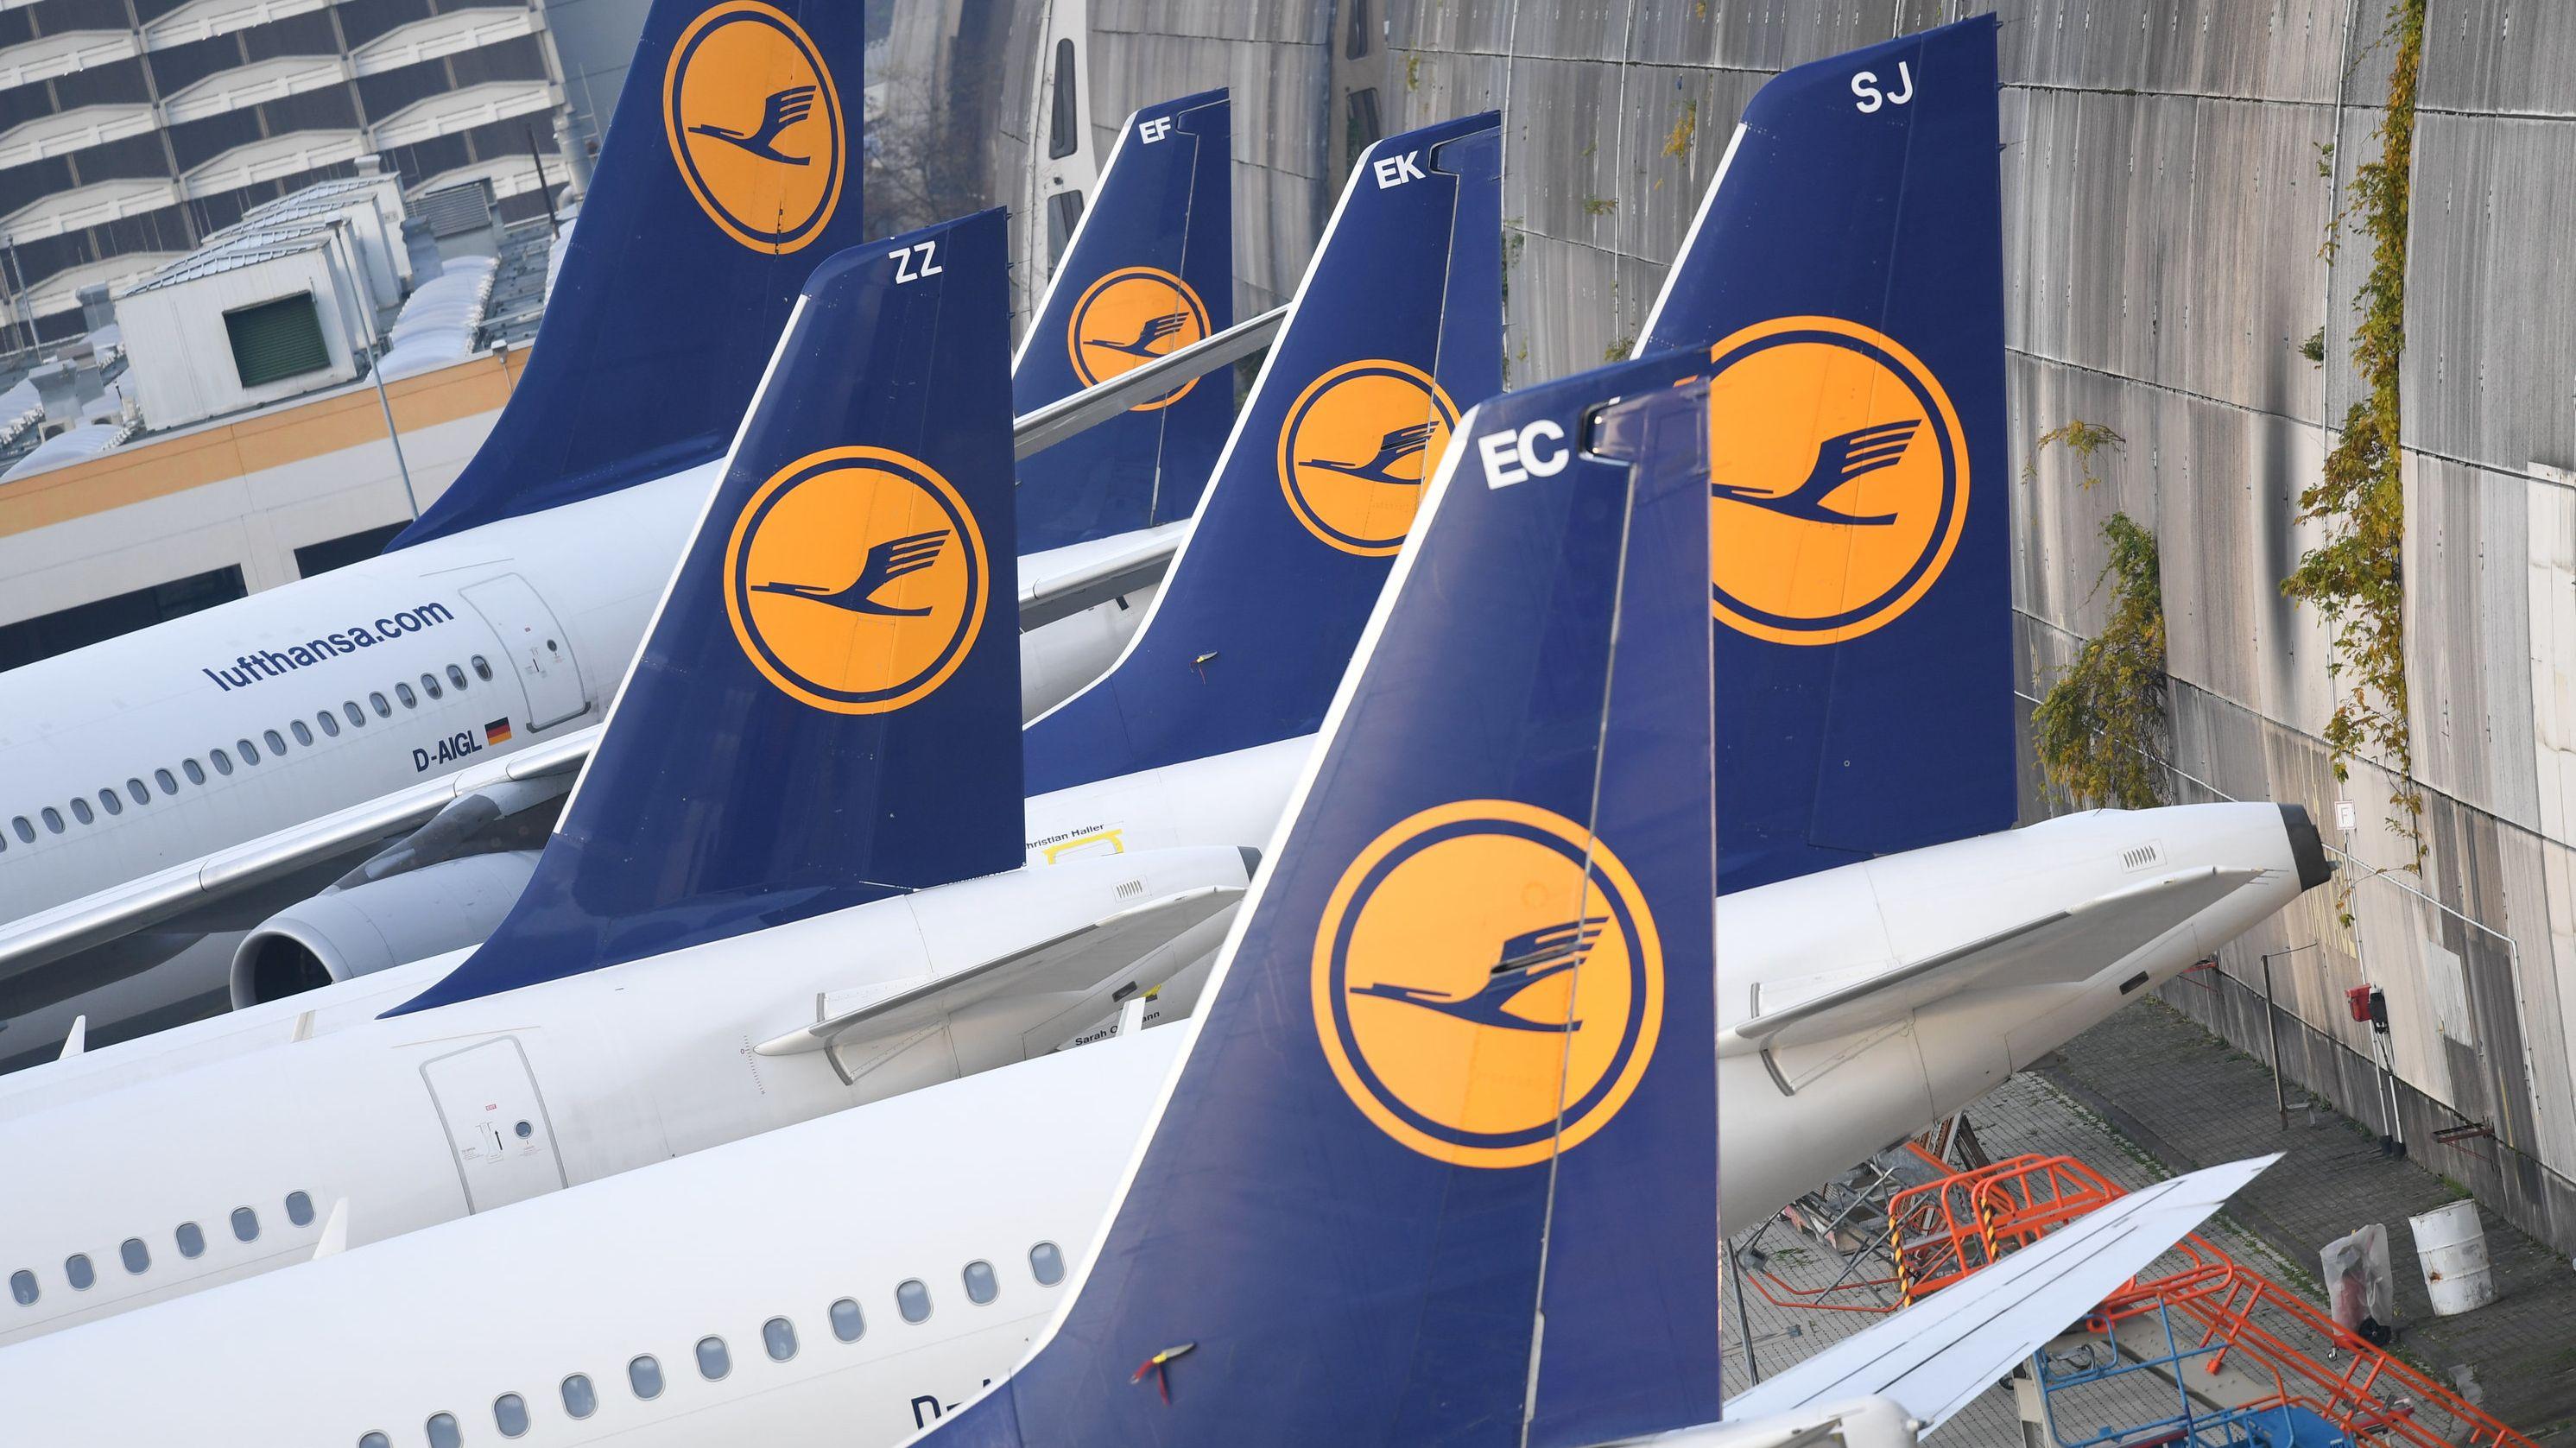 Lufthansa-Maschinen parken am Flughafen von Frankfurt am Main am Rande des Vorfeldes